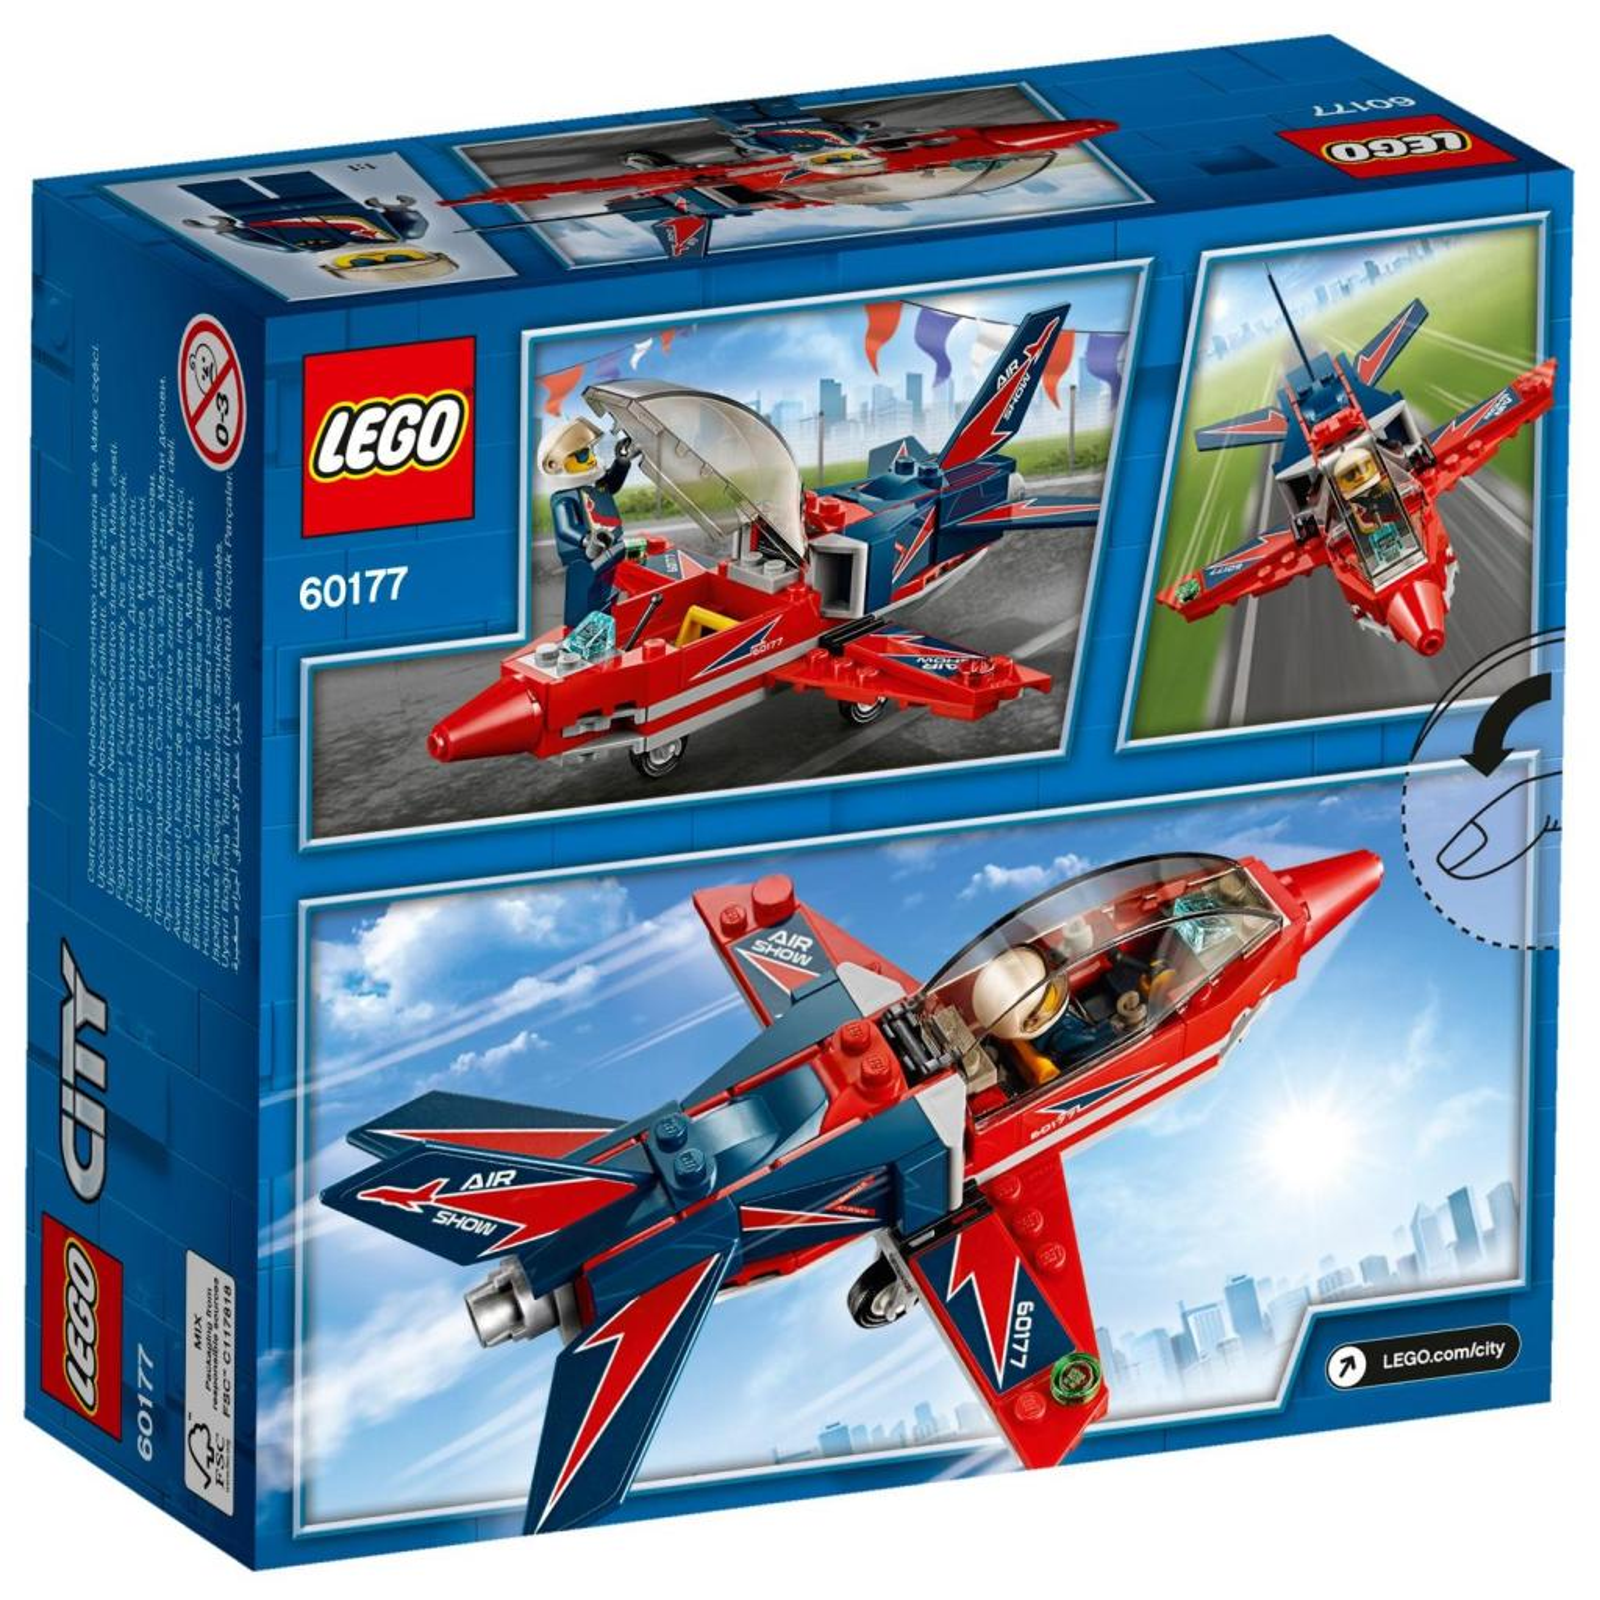 Конструктор LEGO City Airport Самолет на аэрошоу (60177) изображение 6